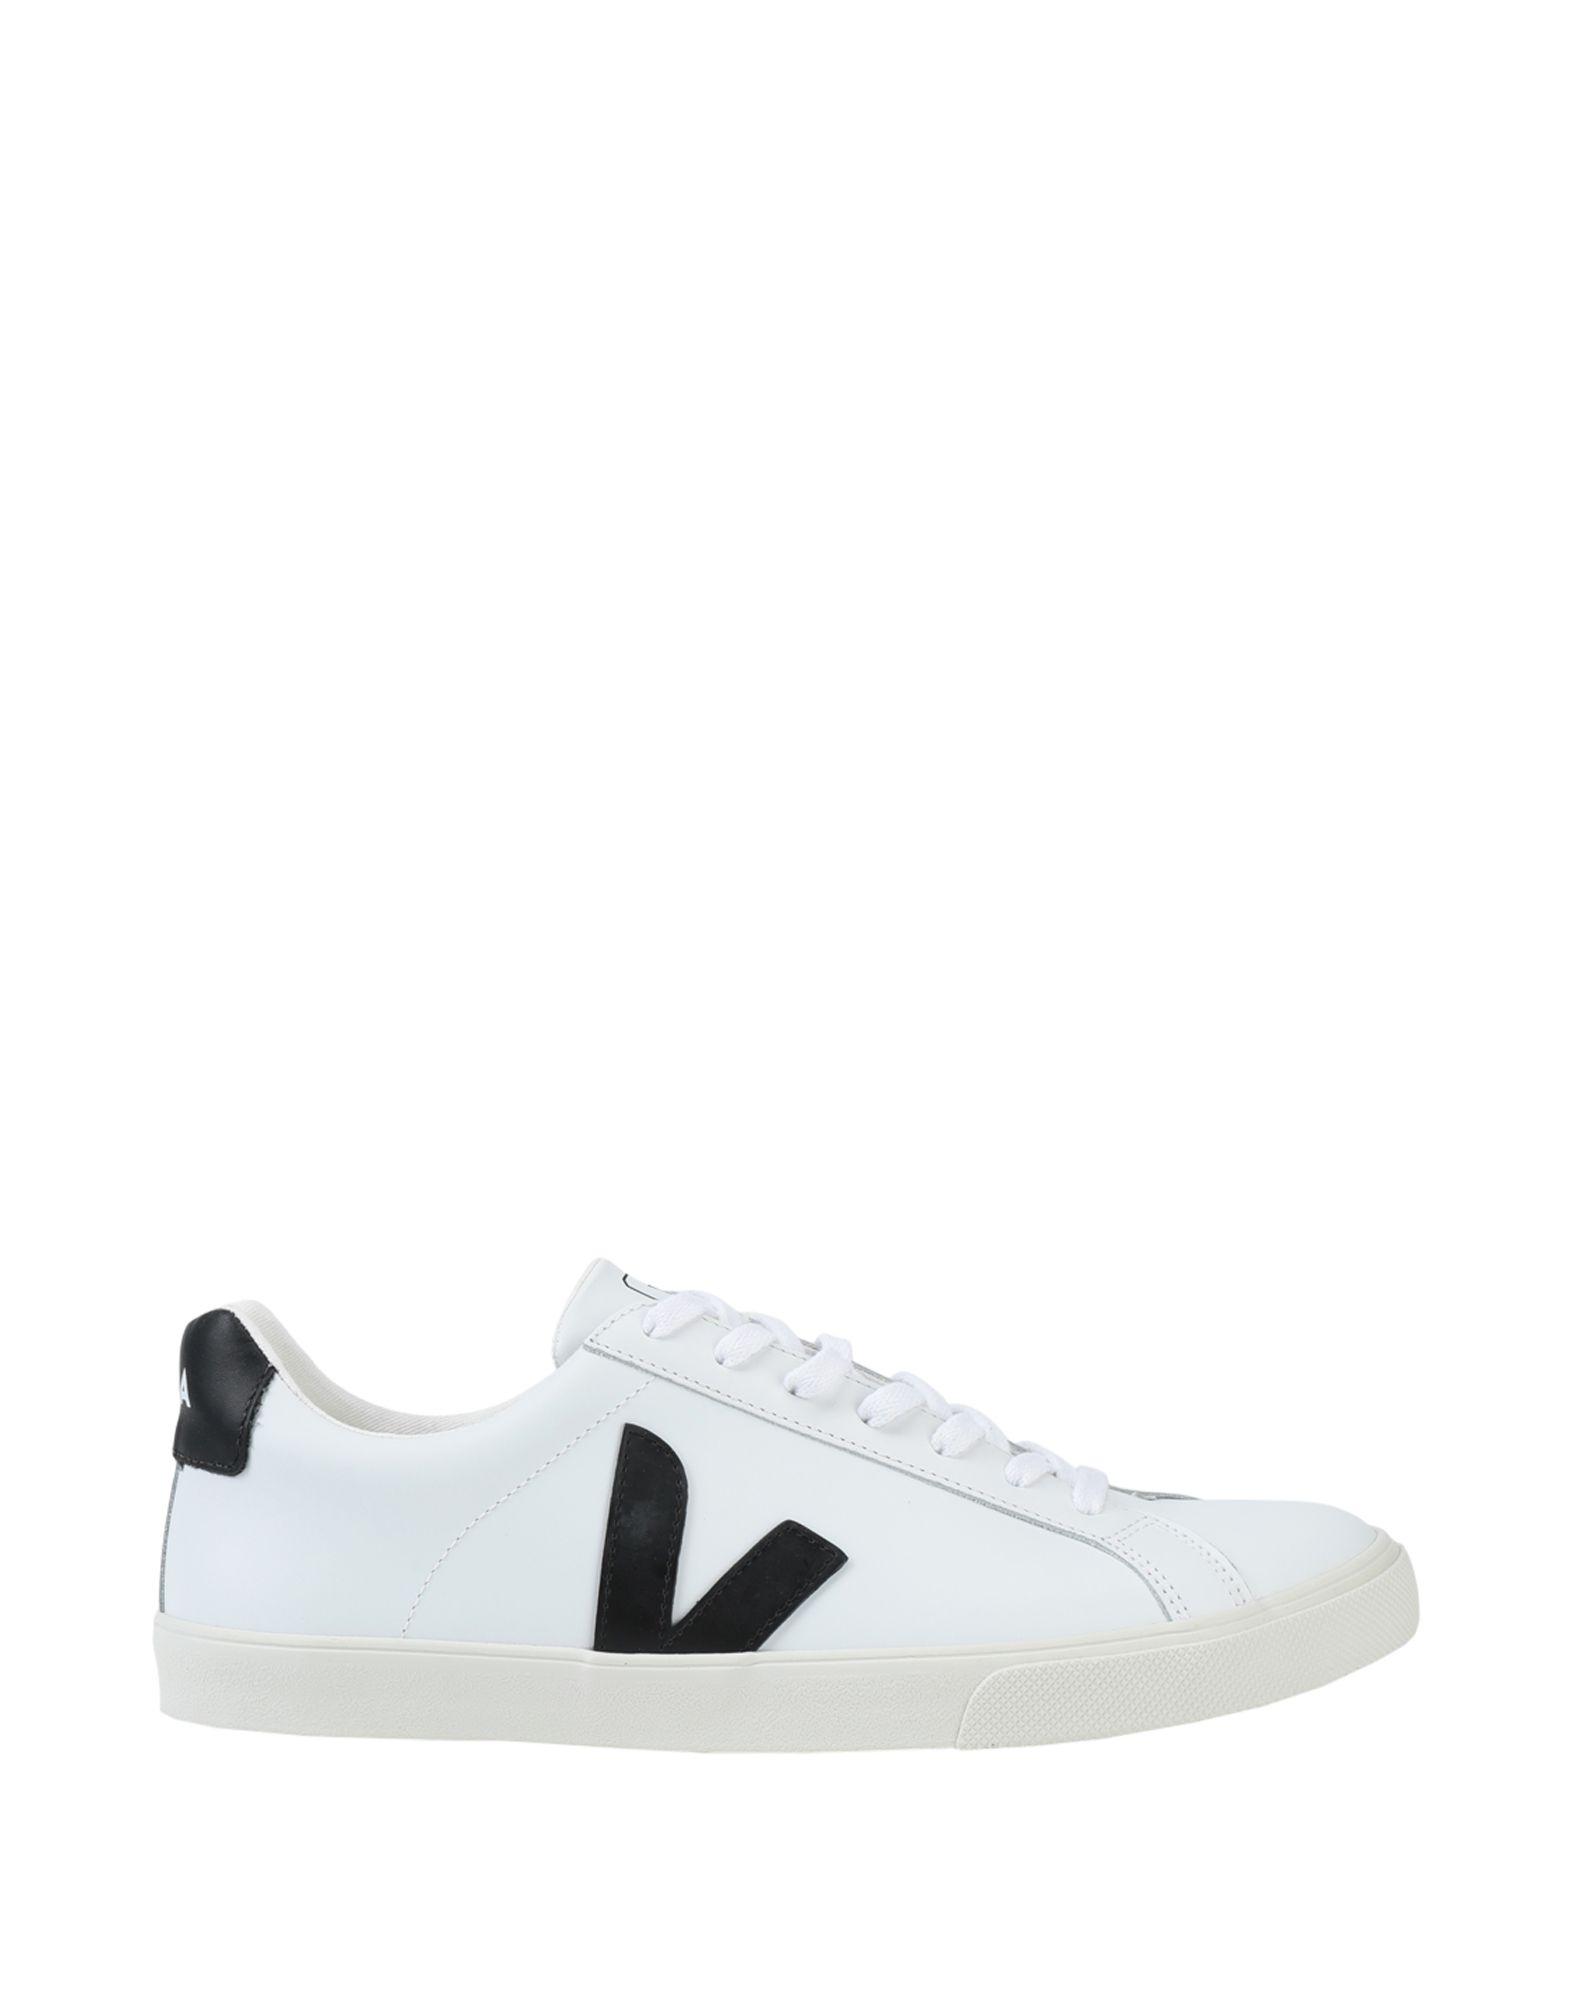 《送料無料》VEJA メンズ スニーカー&テニスシューズ(ローカット) ホワイト 41 革